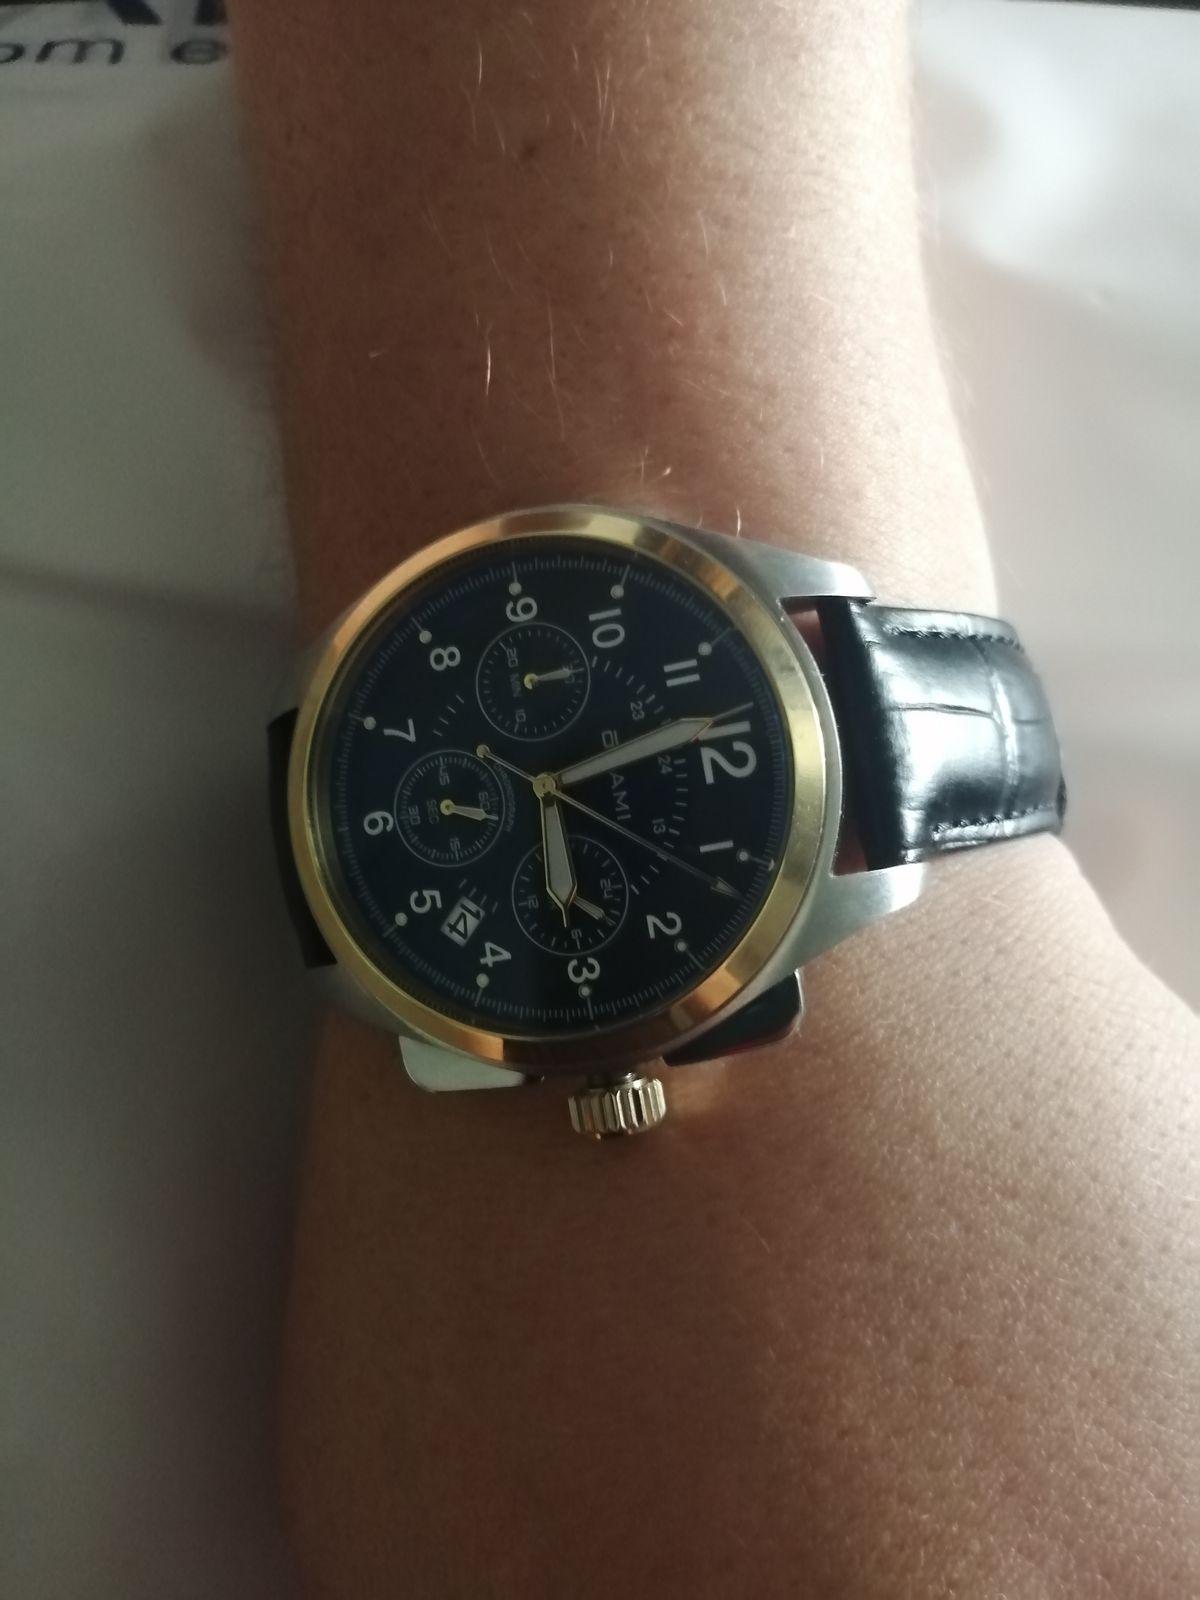 Подарила часы мужу на день рождения, муж в восторге и я от этого тоже))))))